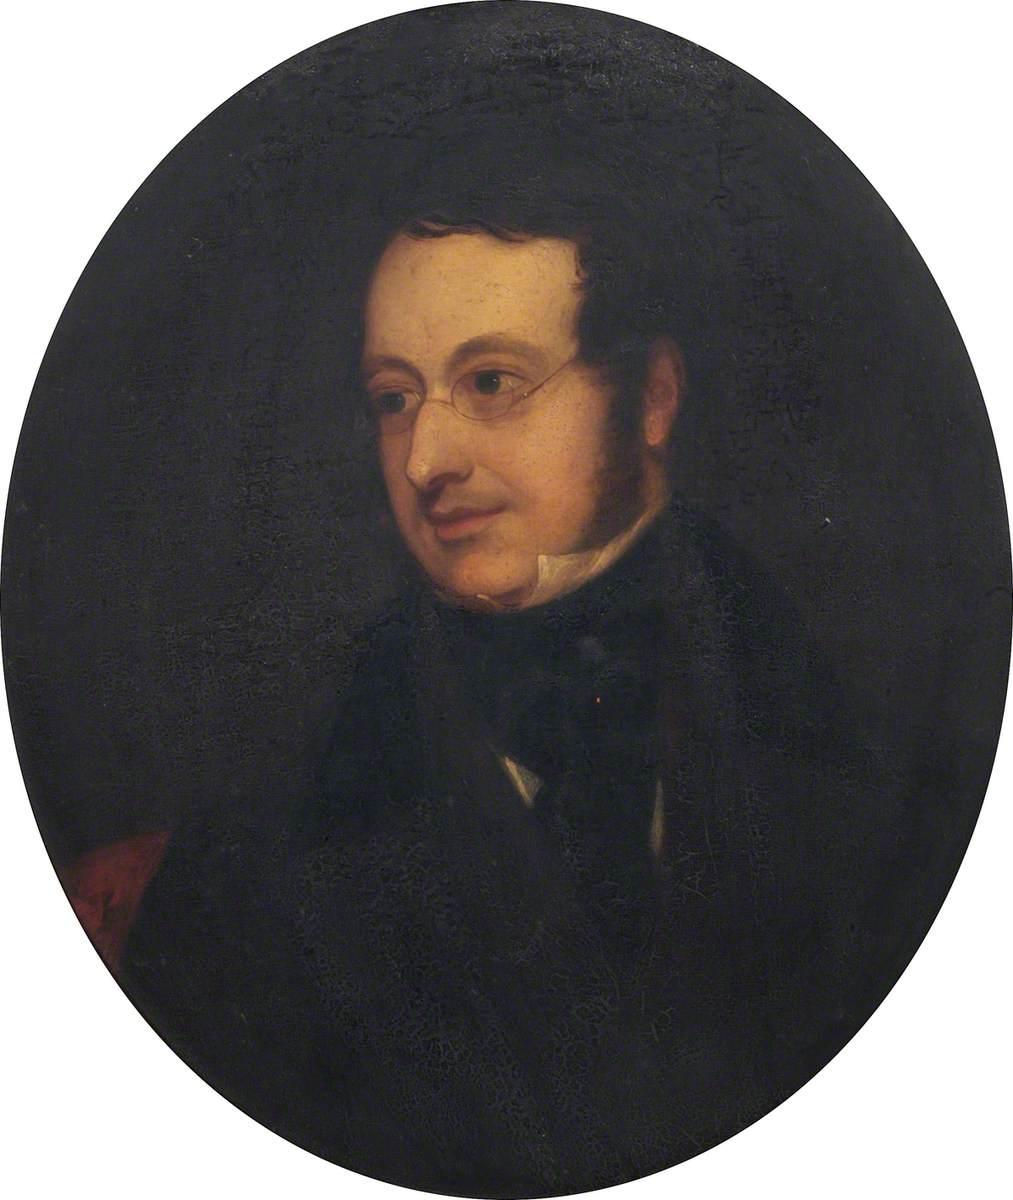 Edward Mackmurdo